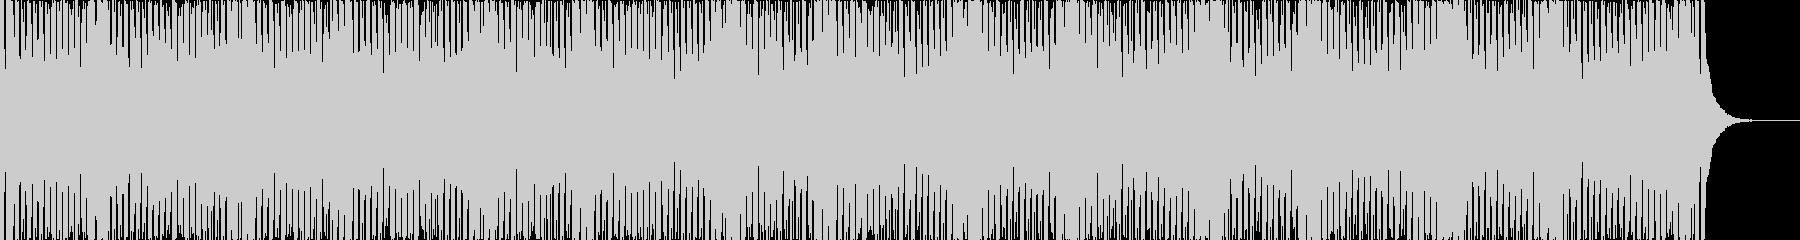 FUSION華麗なフュージョンサウンドの未再生の波形